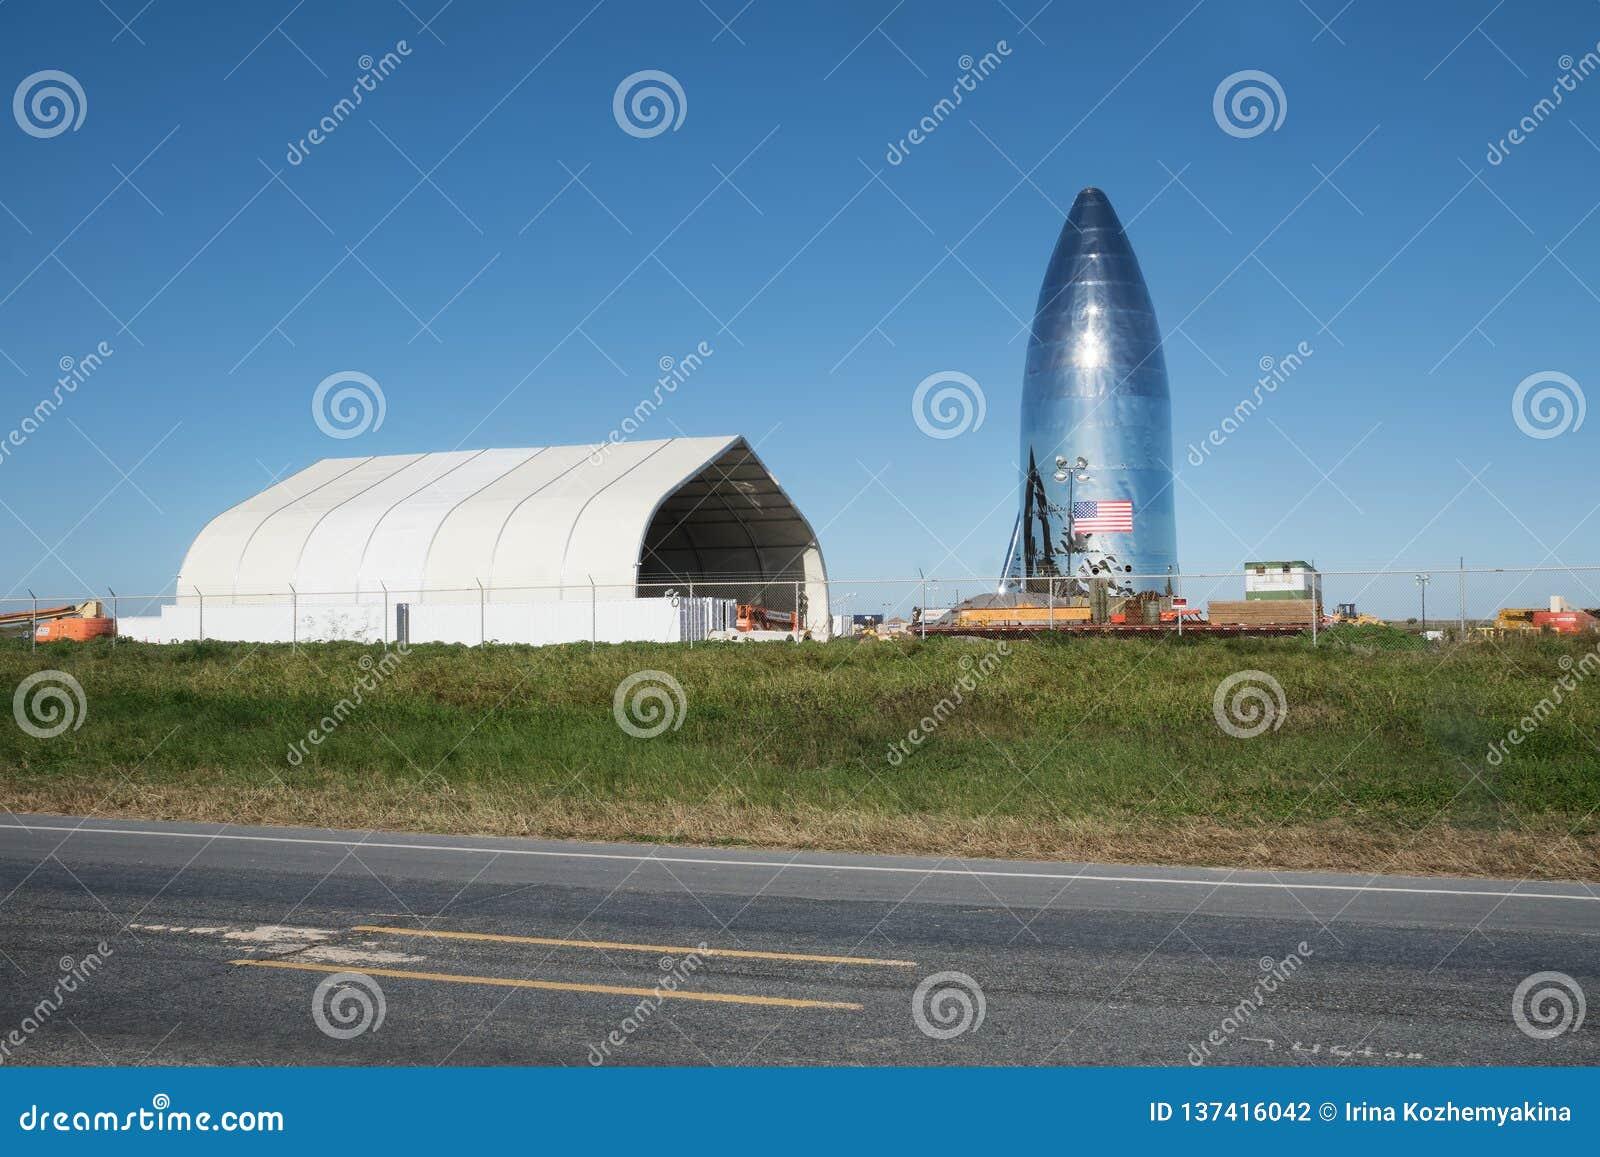 Boca Chica Village, le Texas/Etats-Unis - 20 janvier 2019 : Le nouveau site de lancement privé sera orbitale active de SpaceX la